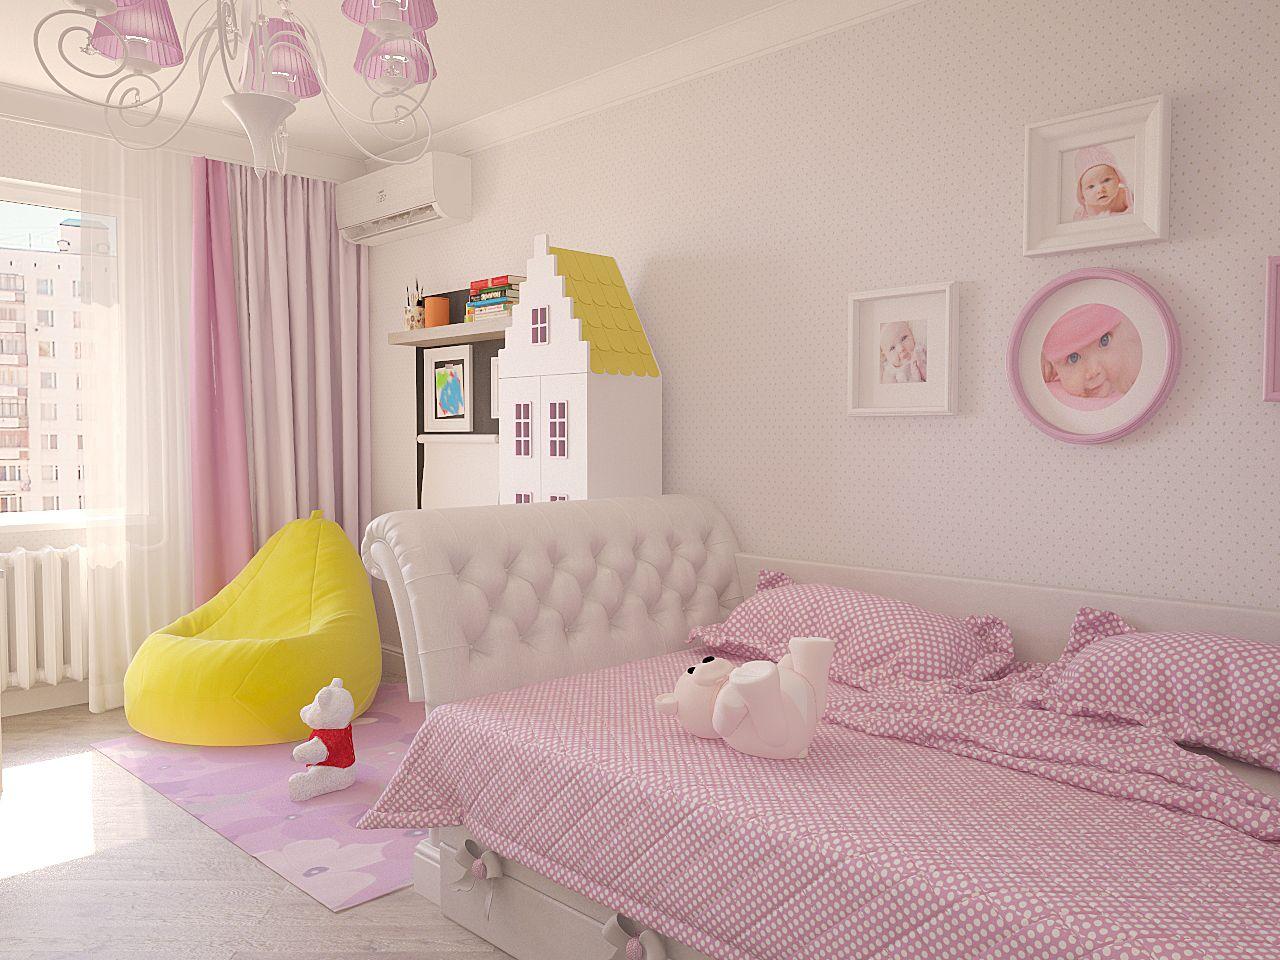 Дизайн интерьера детской комнаты Киев для девочки, белый розовый неокласика, легкая класика современный